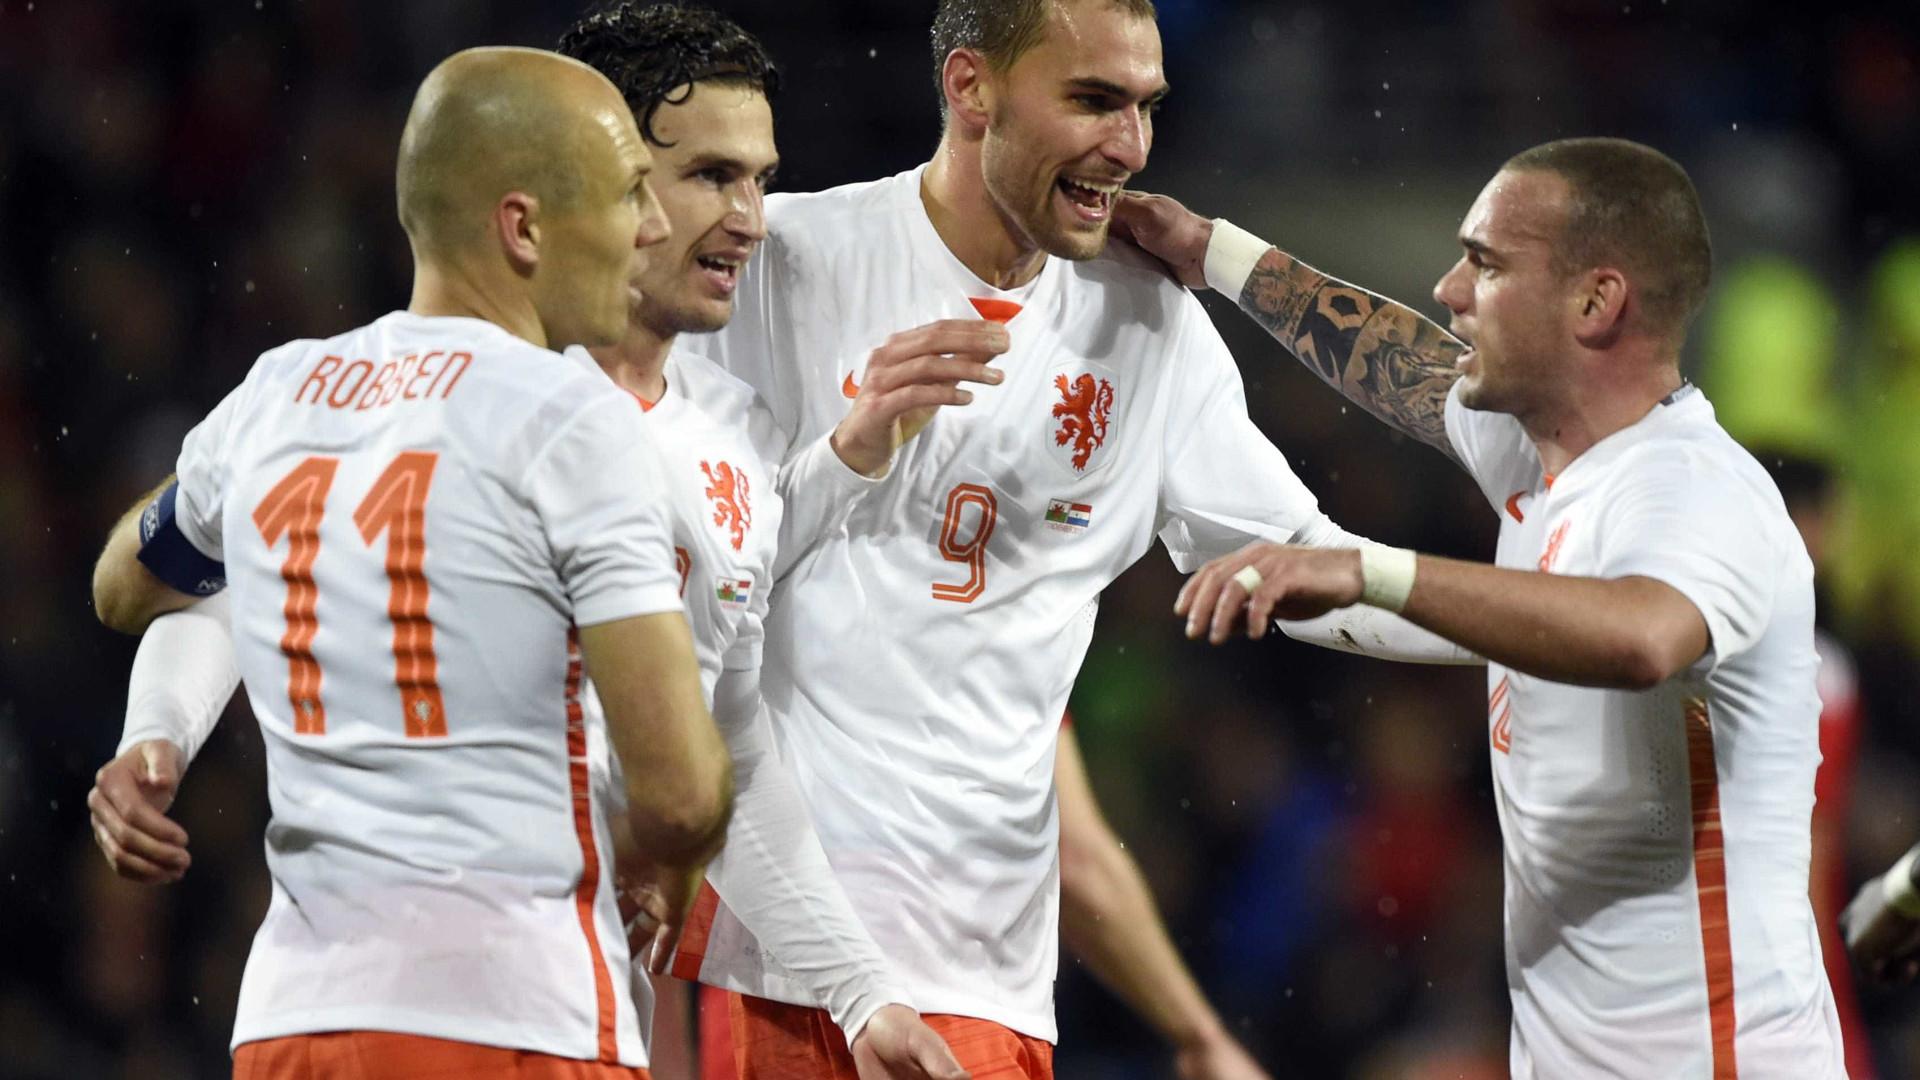 Atenção Sporting: Bas Dost abandona treino da Holanda lesionado